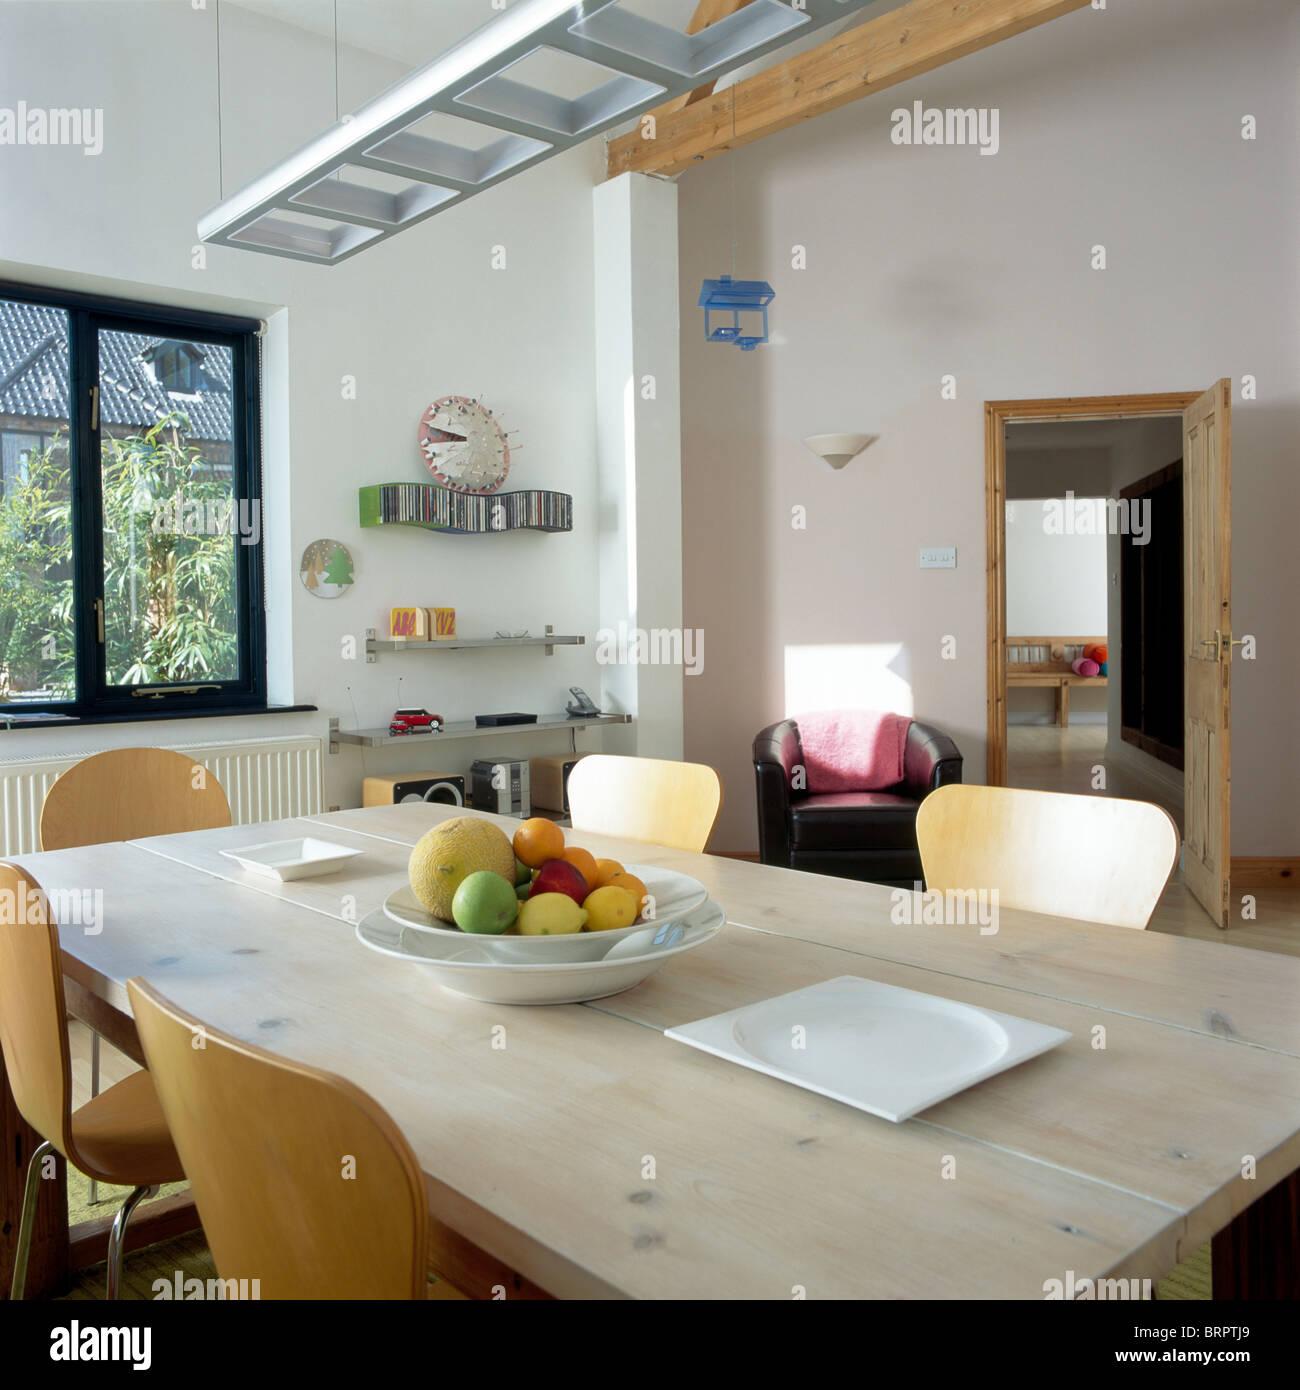 Table en bois clair et moderne meubles chaises salle à manger ...